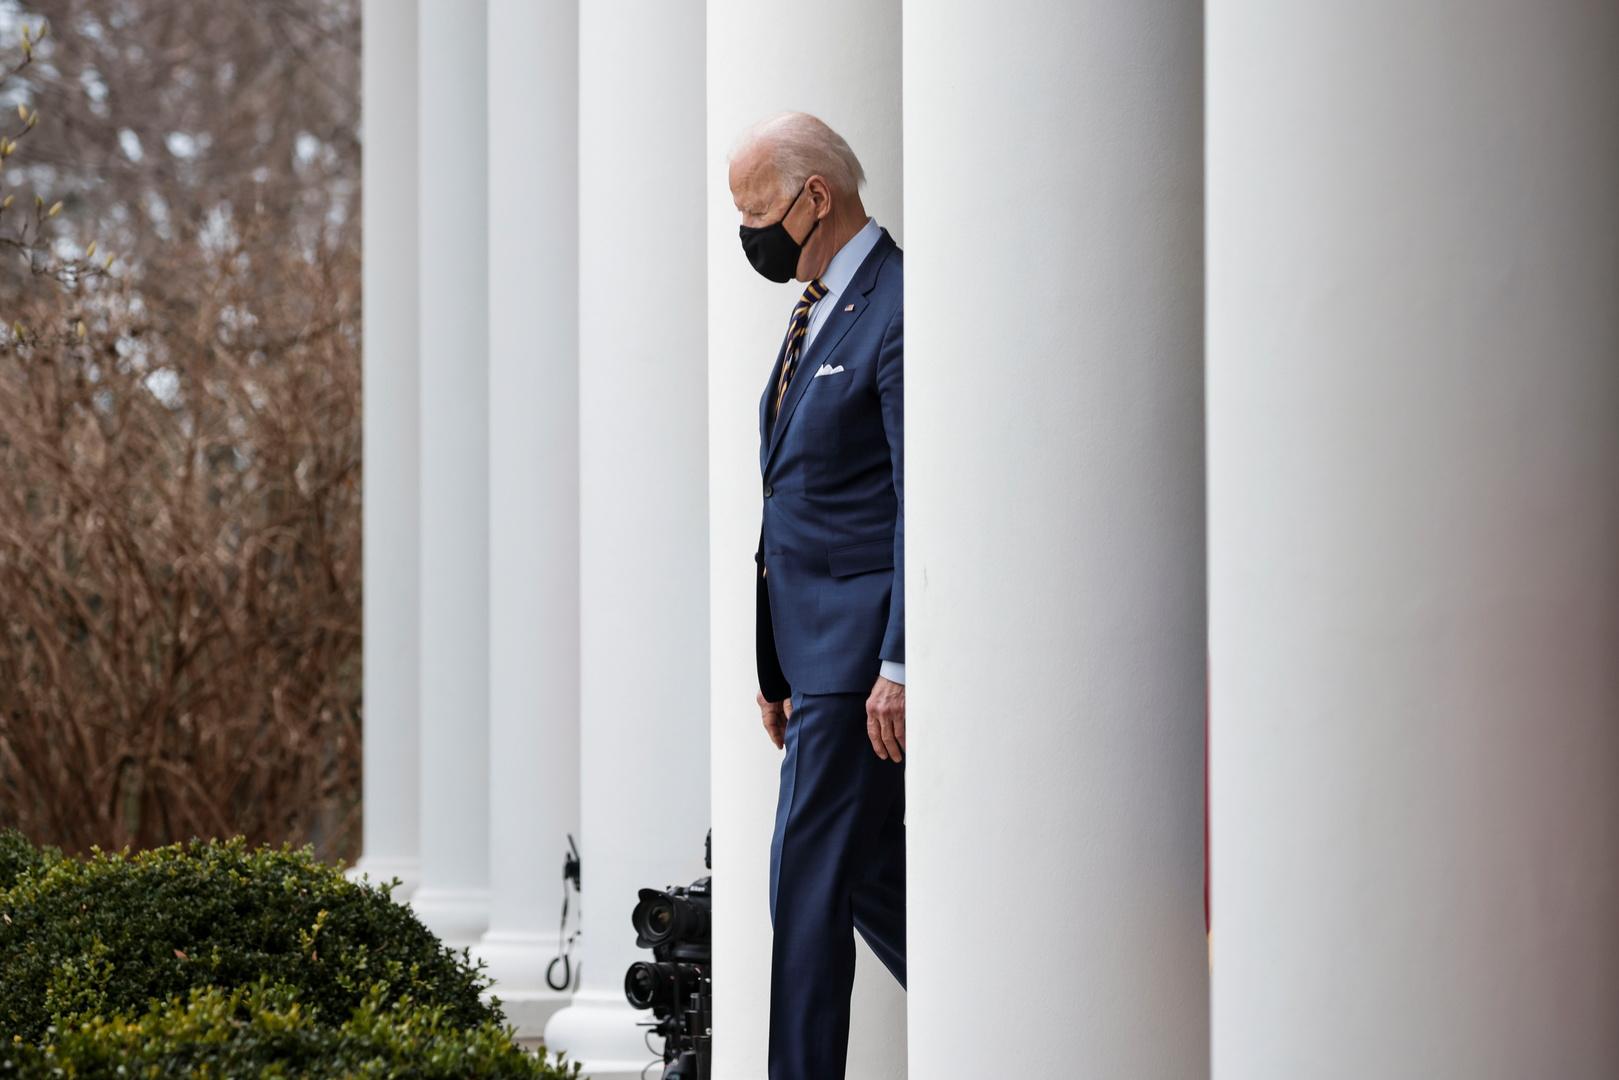 البيت الأبيض يعلن عن إجراءات جديدة لمكافحة العنف ضد الآسيويين